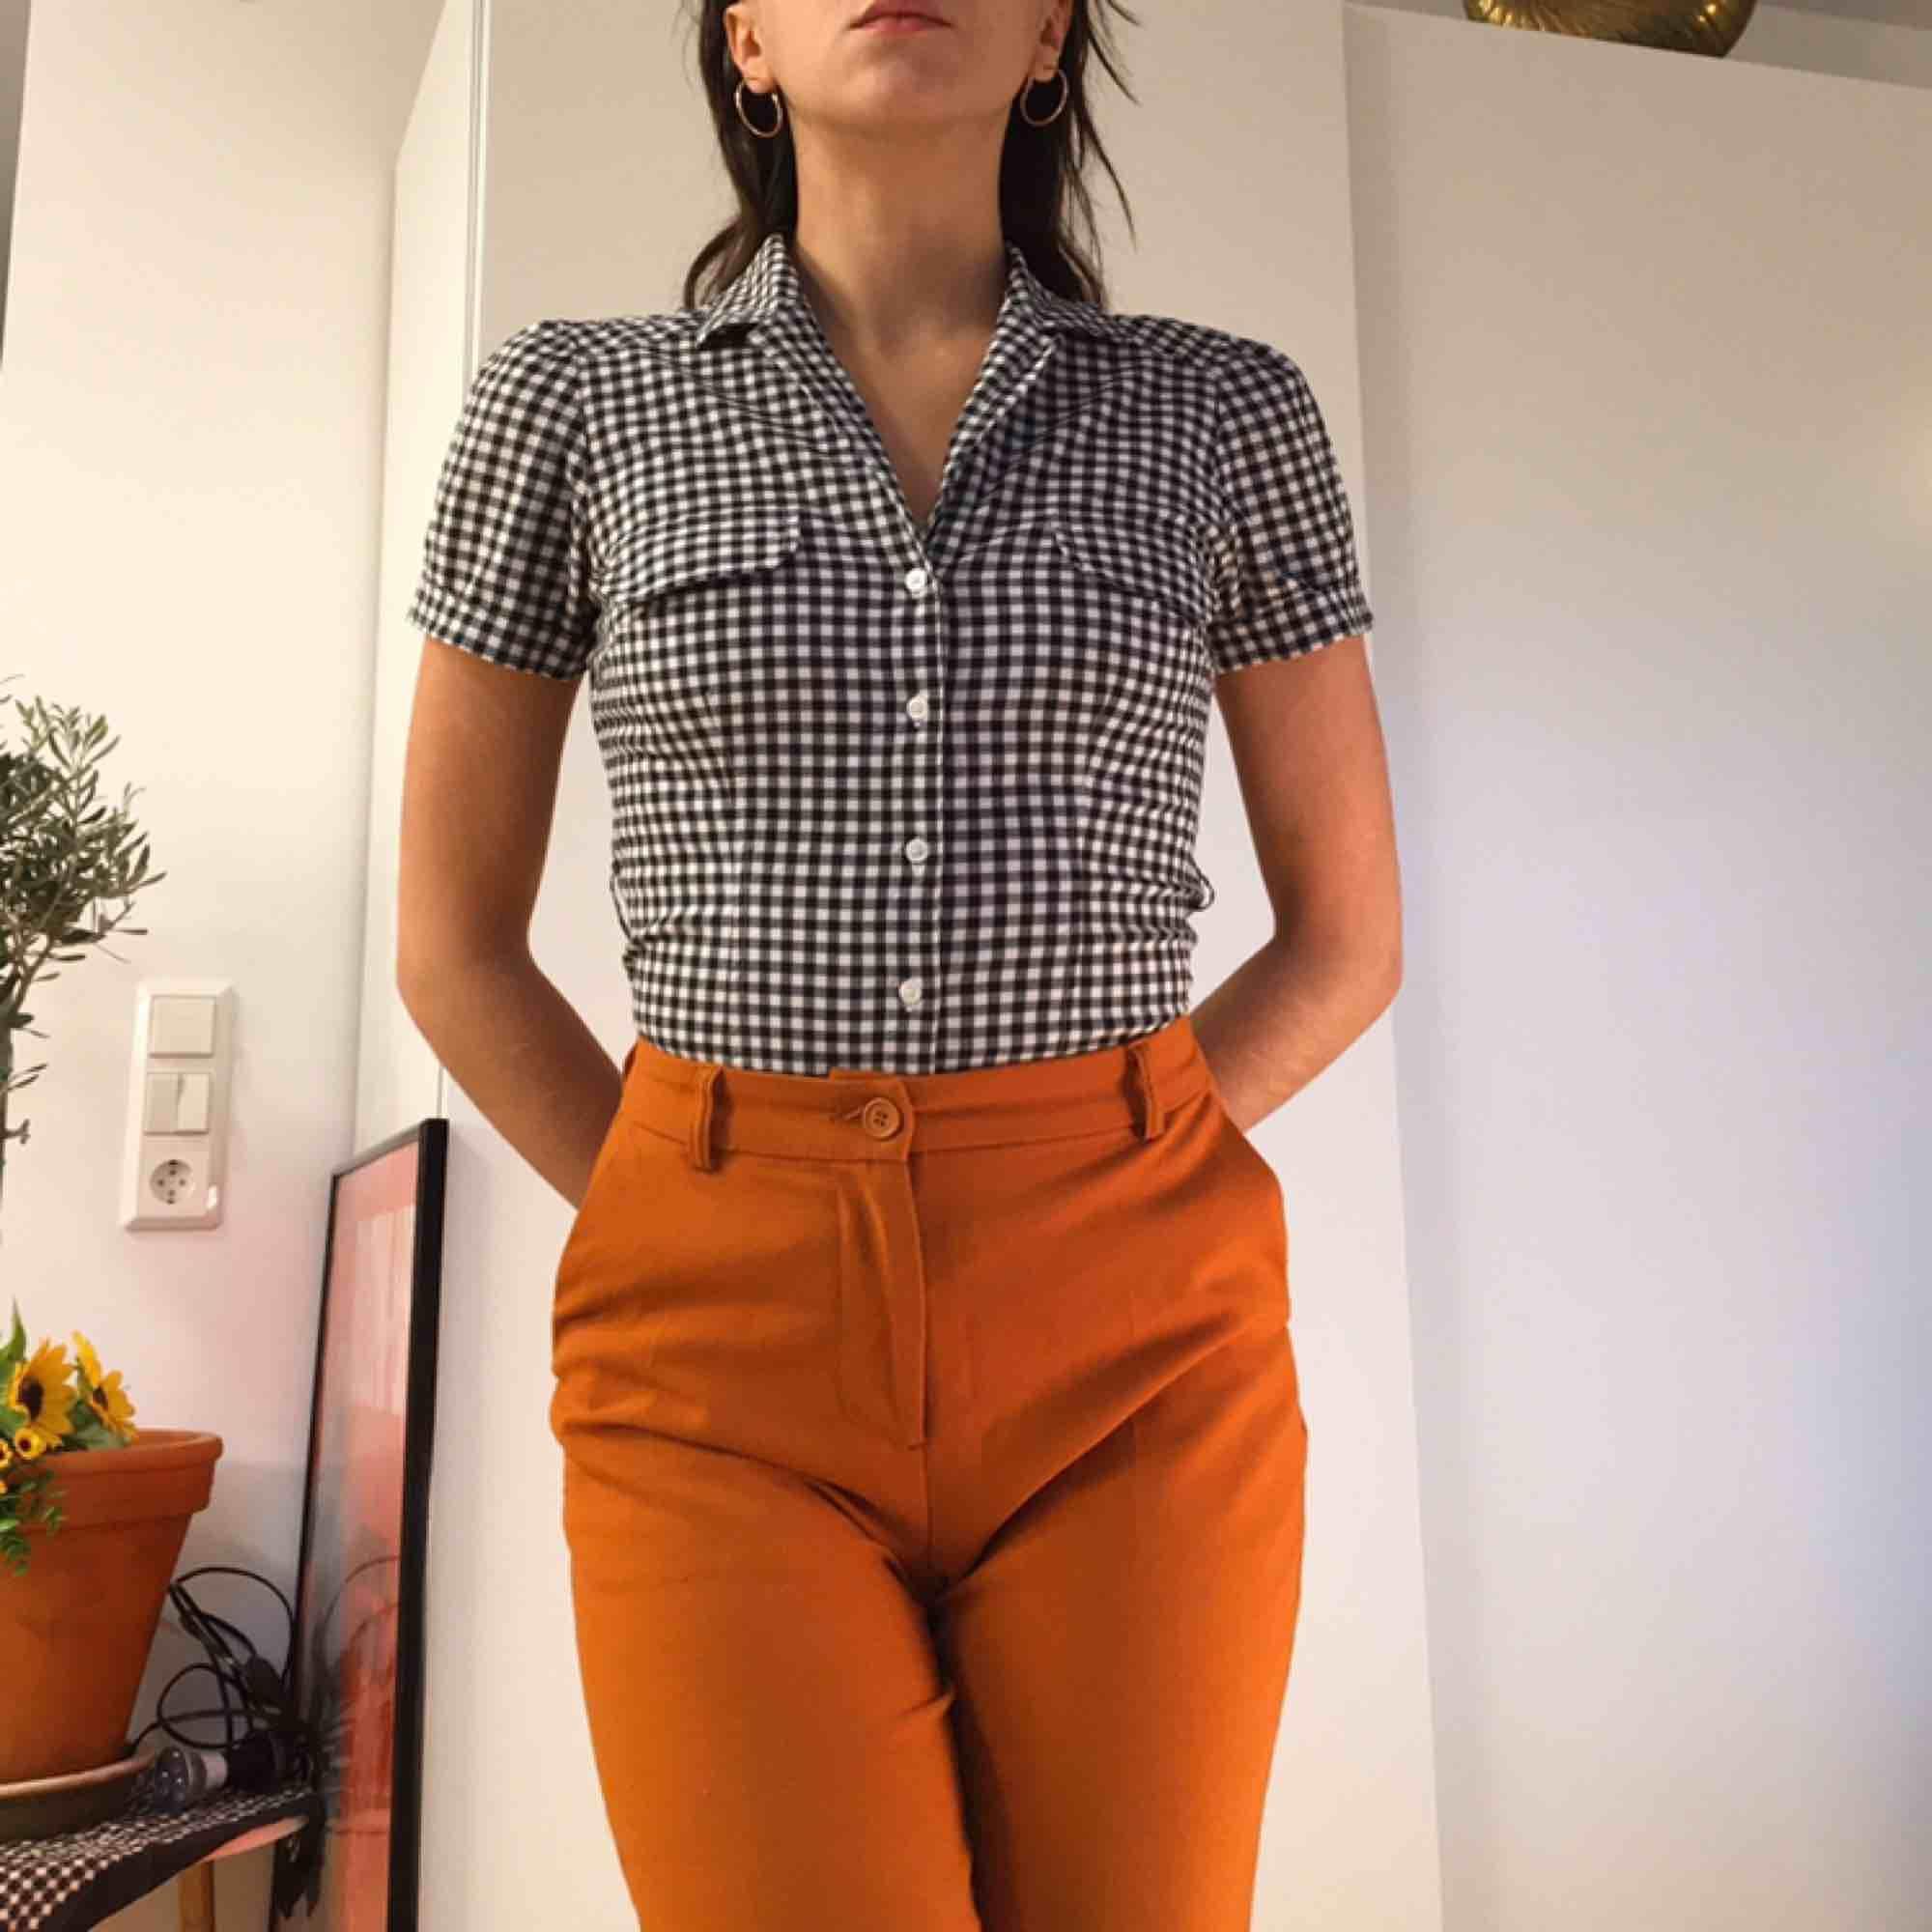 Svart och vit-rutig kortärmad skjorta.  (っ◔◡◔)っ MÅTT: Byst: 44cm Arm: 20cm Längd: 50cm. Skjortor.